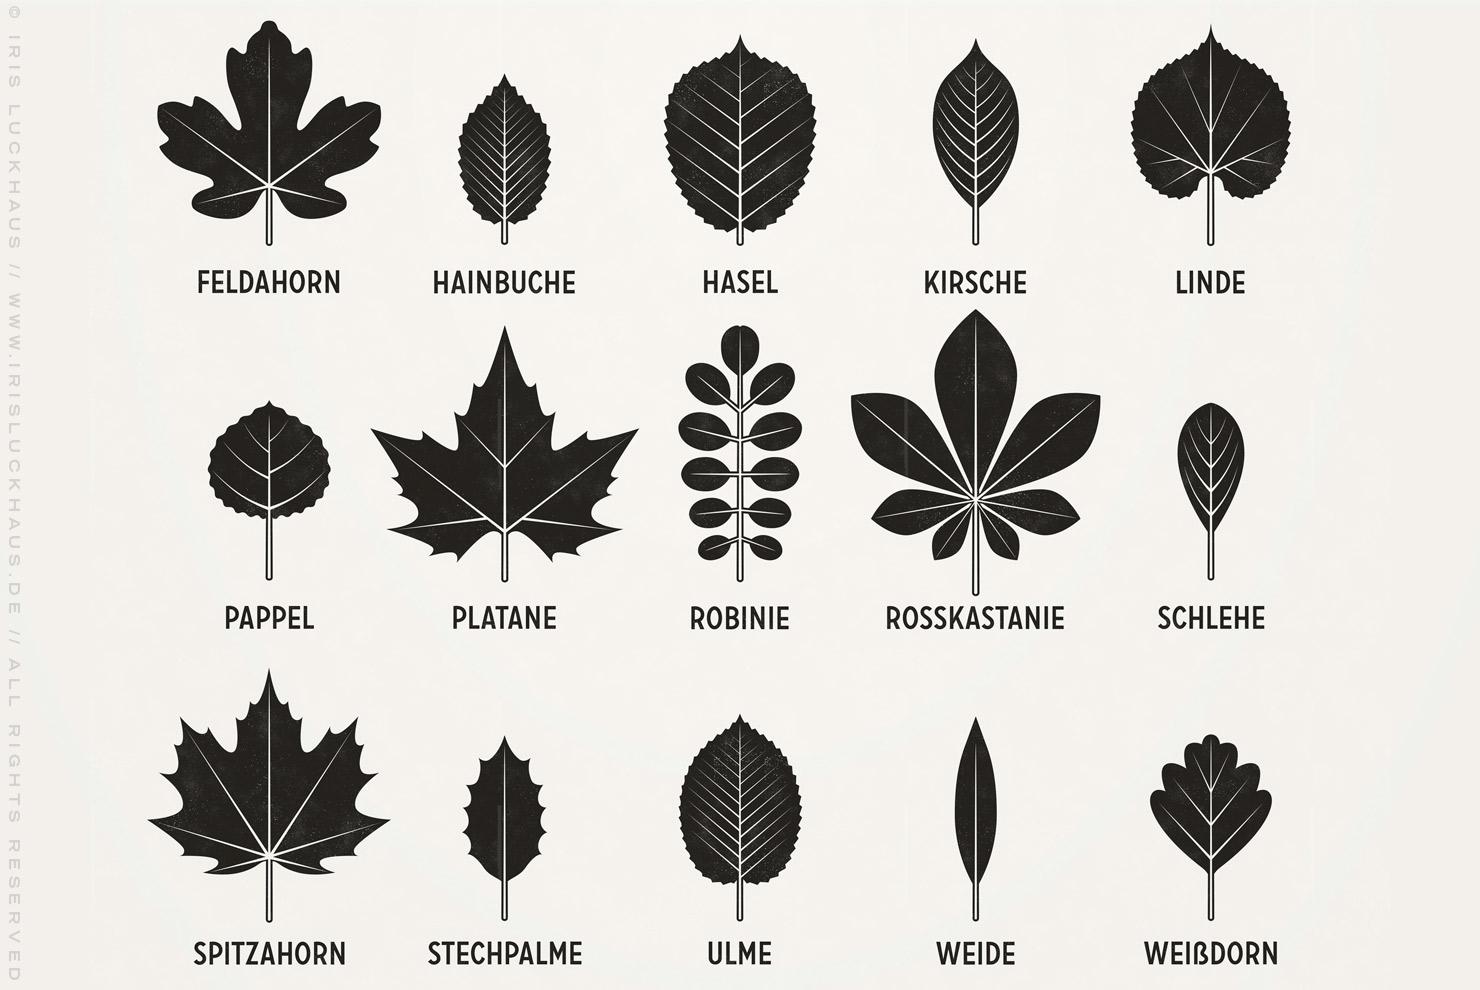 Infografik zur Bestimmung heimischer Blattformen und der Blätter von Bäumen von Iris Luckhaus